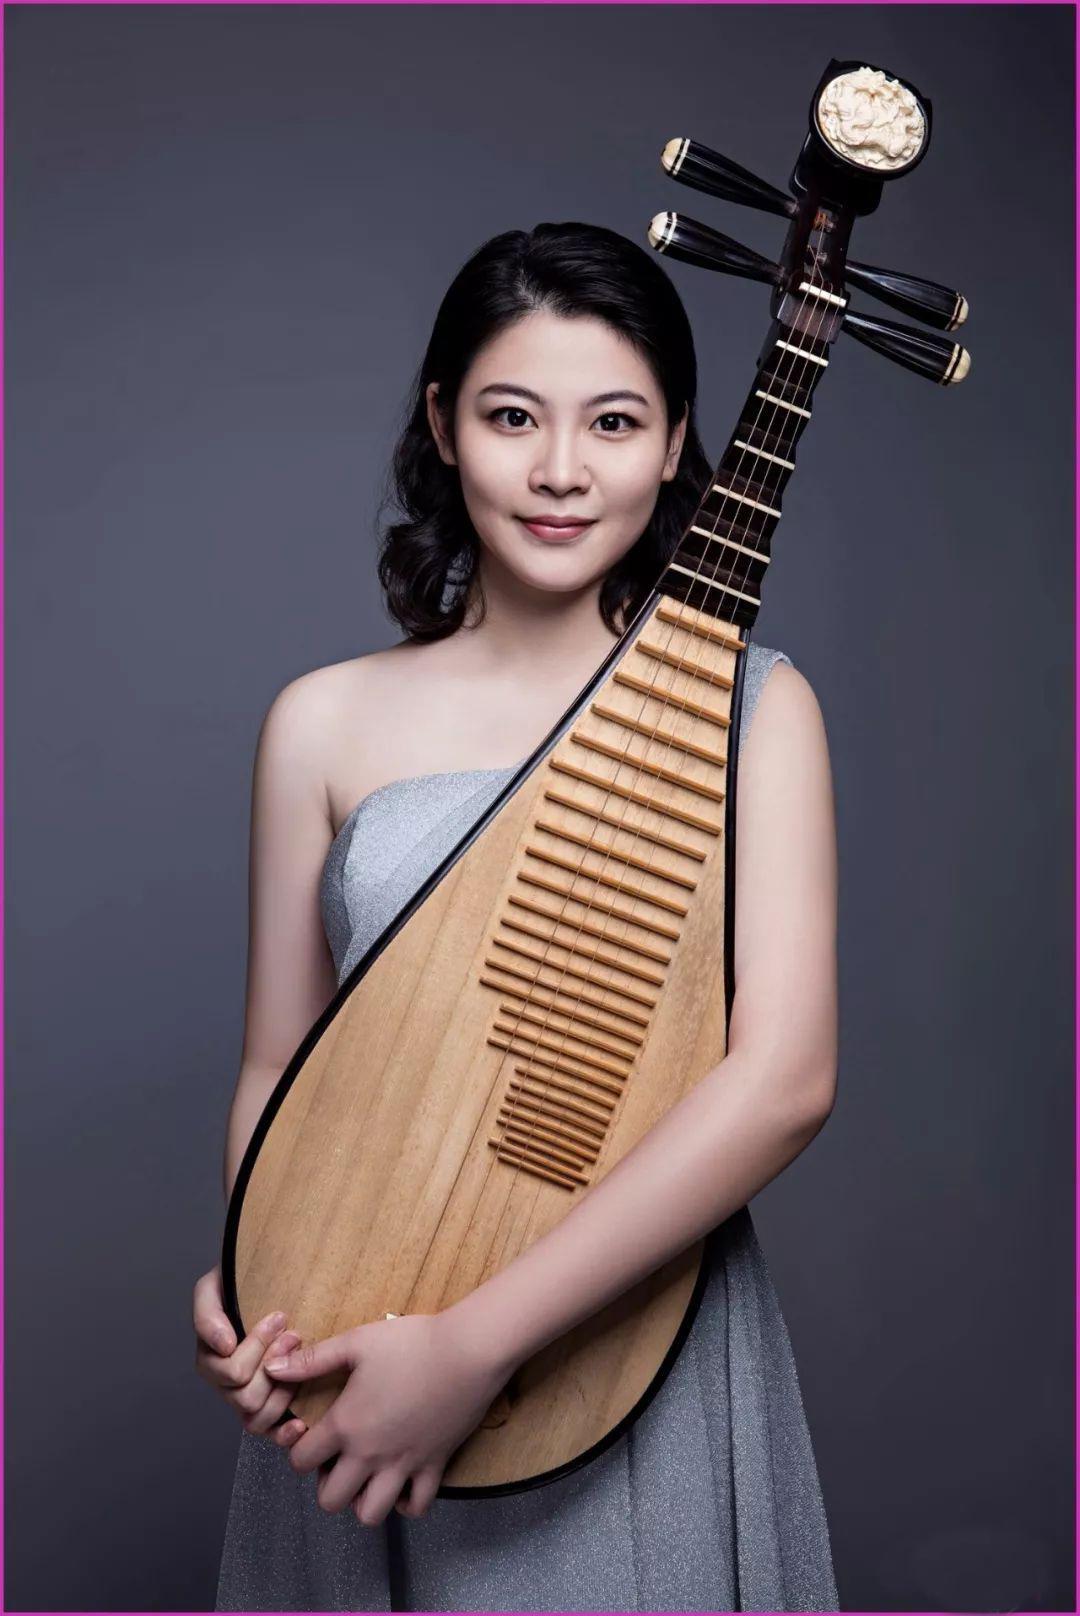 Jacqueline Fan